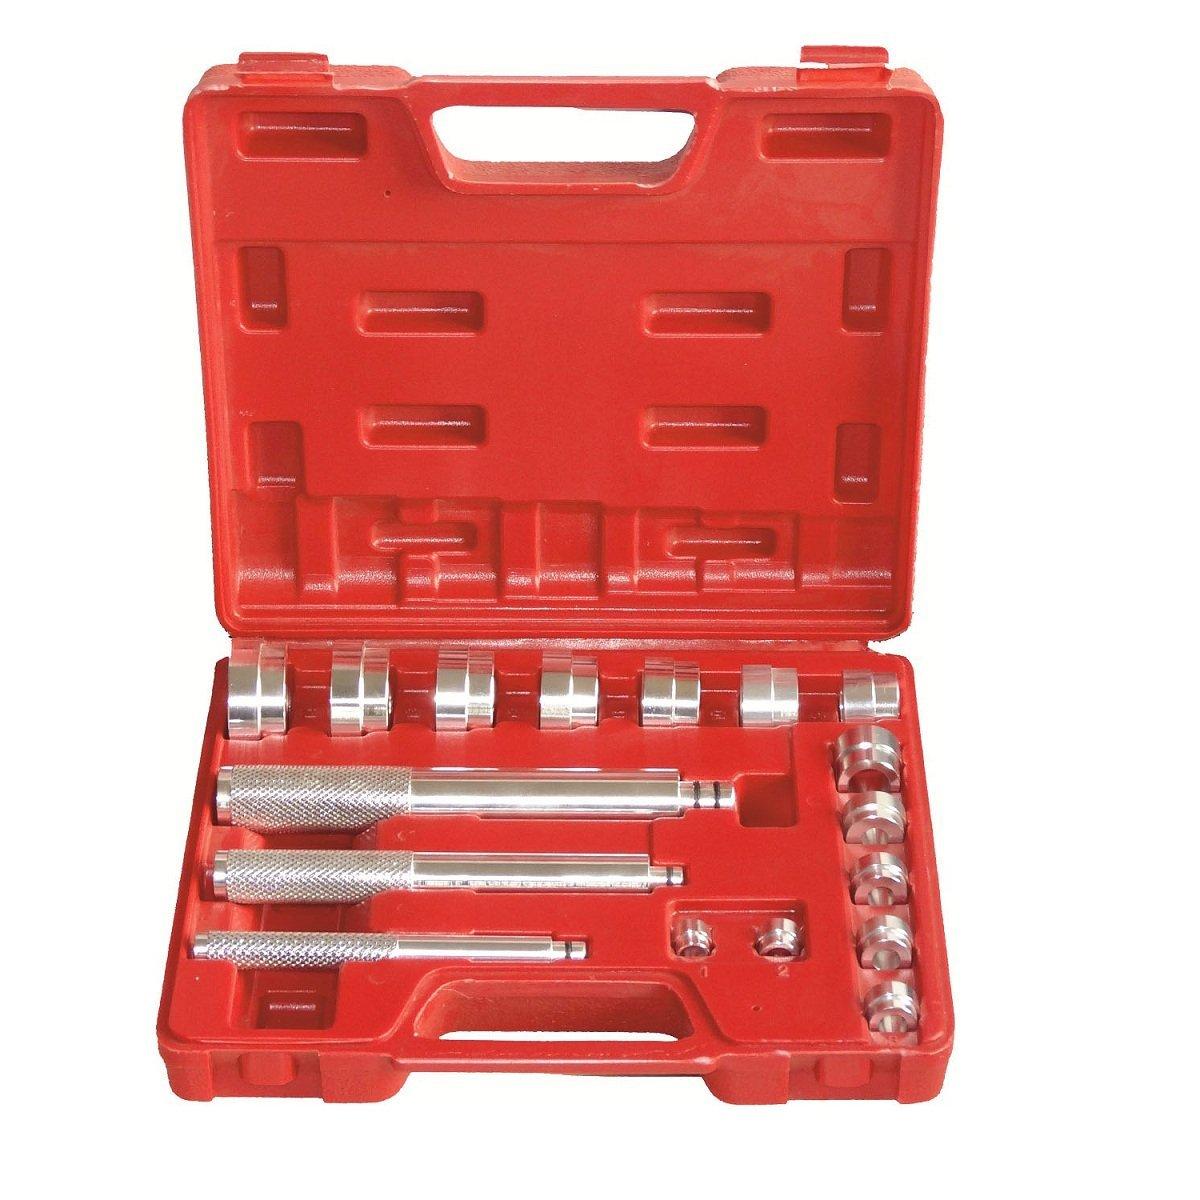 LARS360 17 pezzi - Set di attrezzi per cuscinetti ruota estrattore cuscinetti ruota estrattore cuscinetti Kit per l' estrazione di cuscinetti a sfera